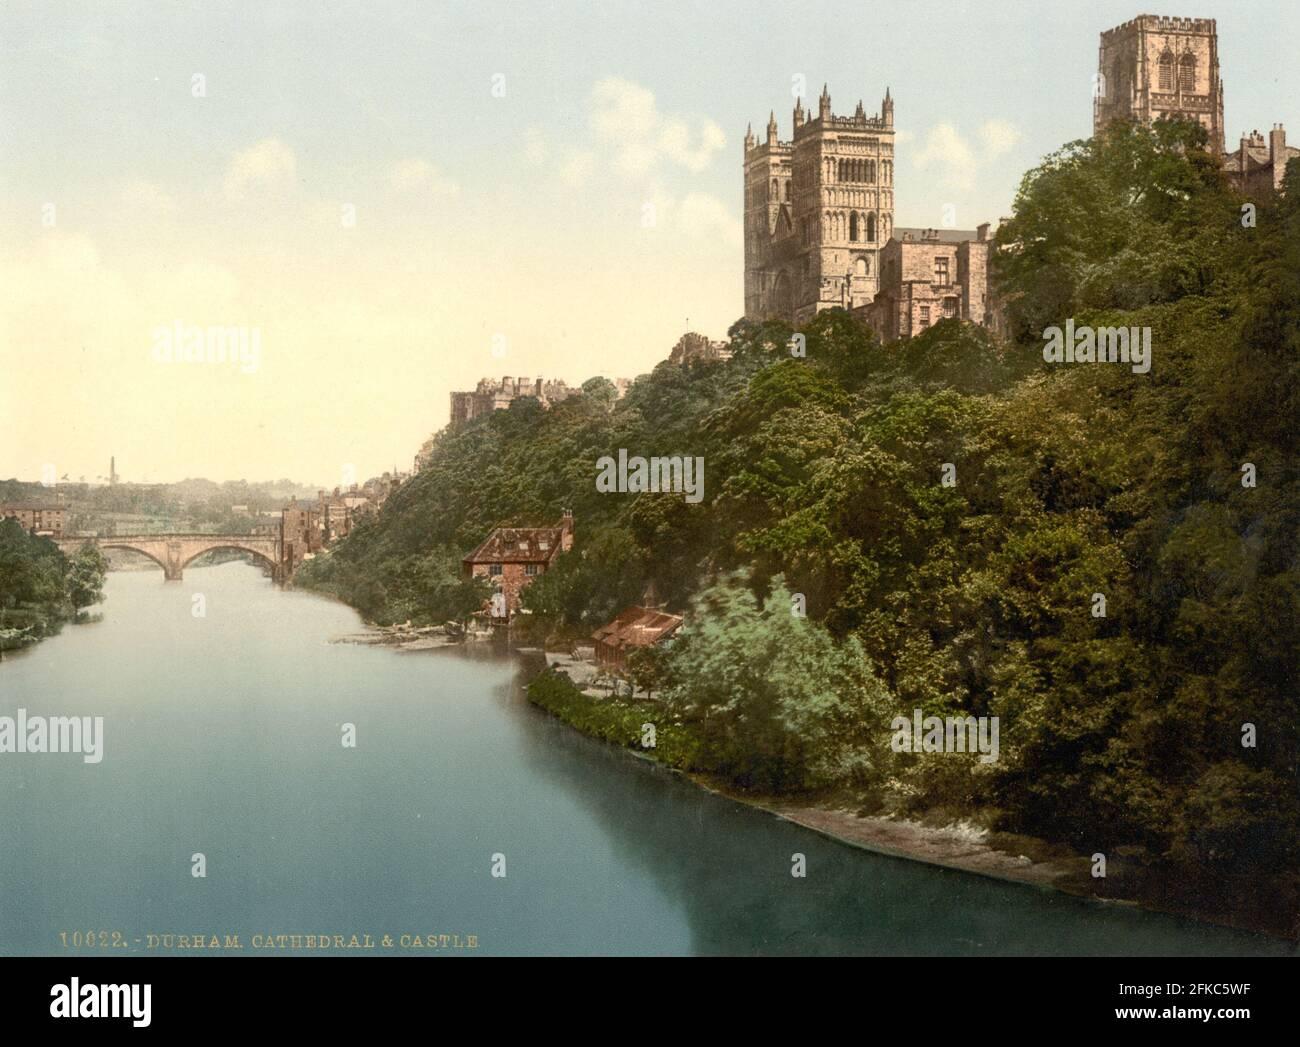 Cathédrale de Durham et rivière Wear vers 1890-1900 Banque D'Images